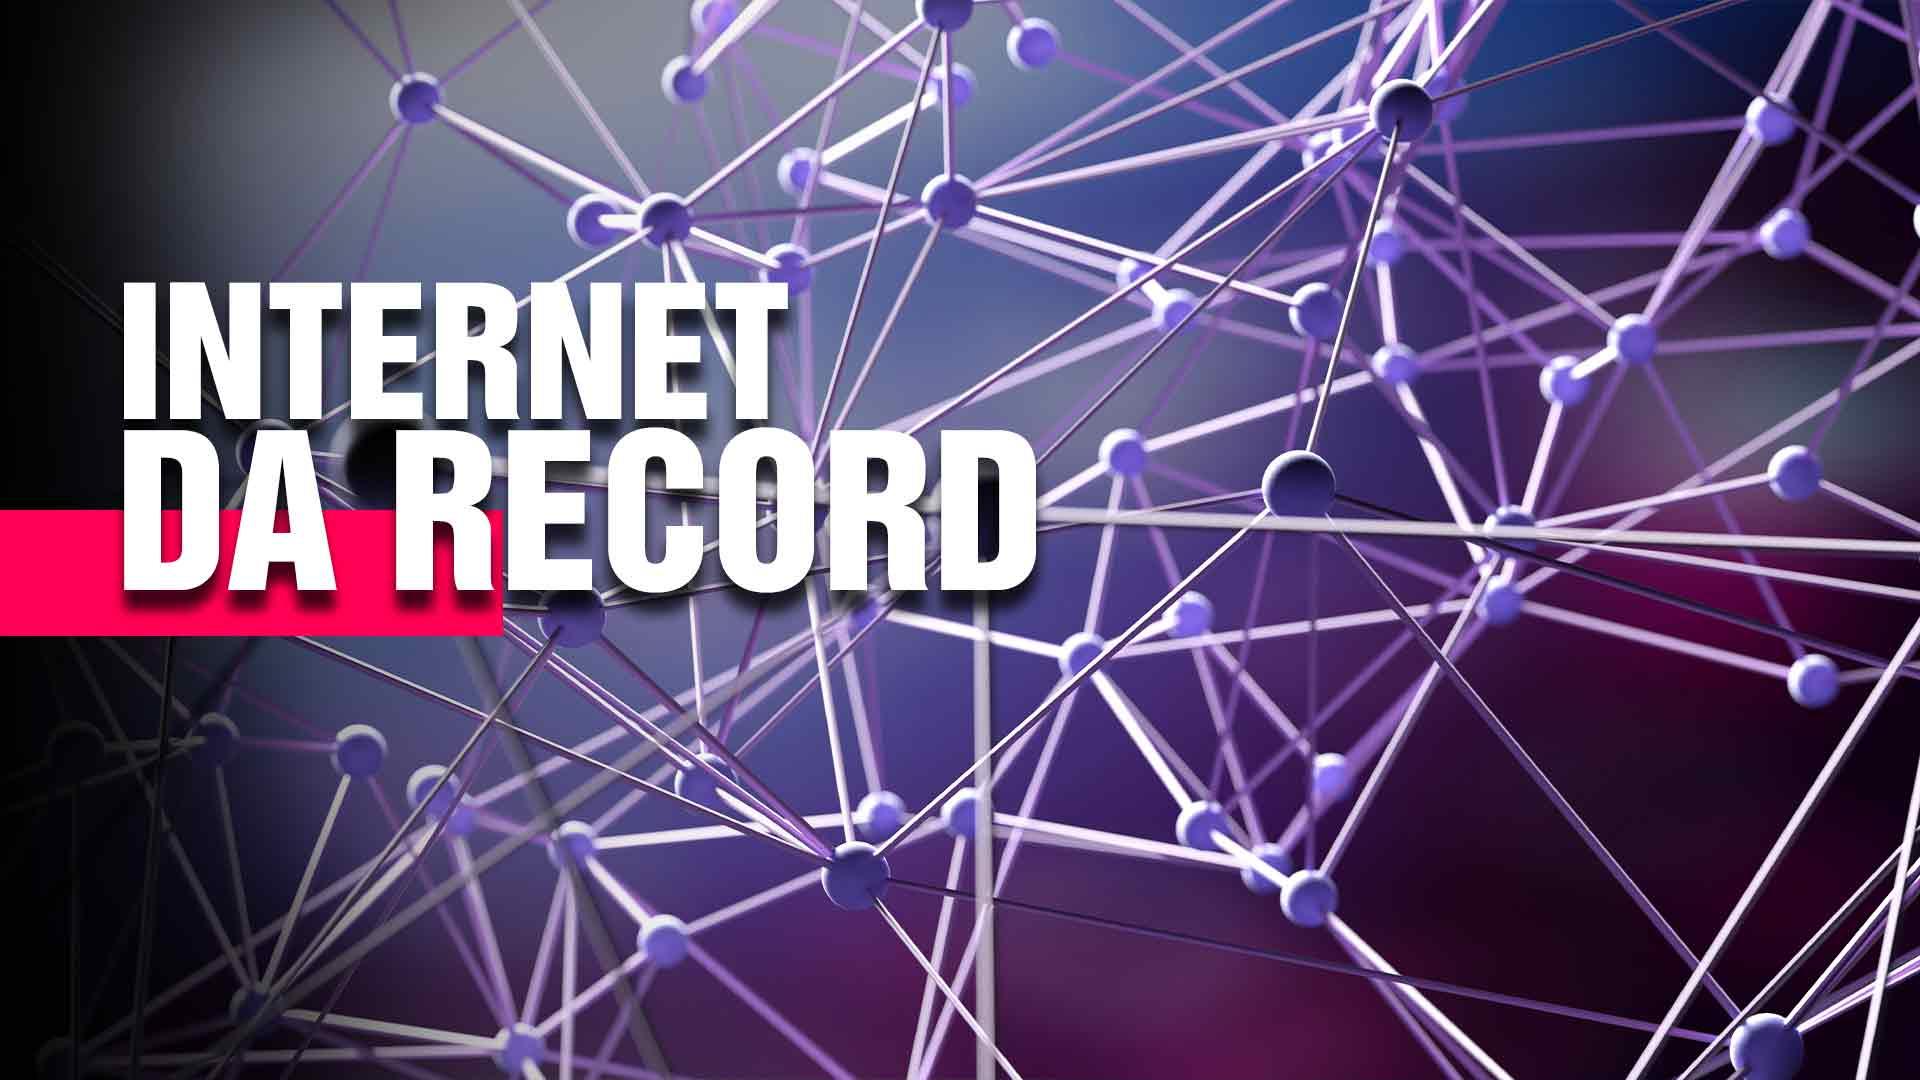 internet da record